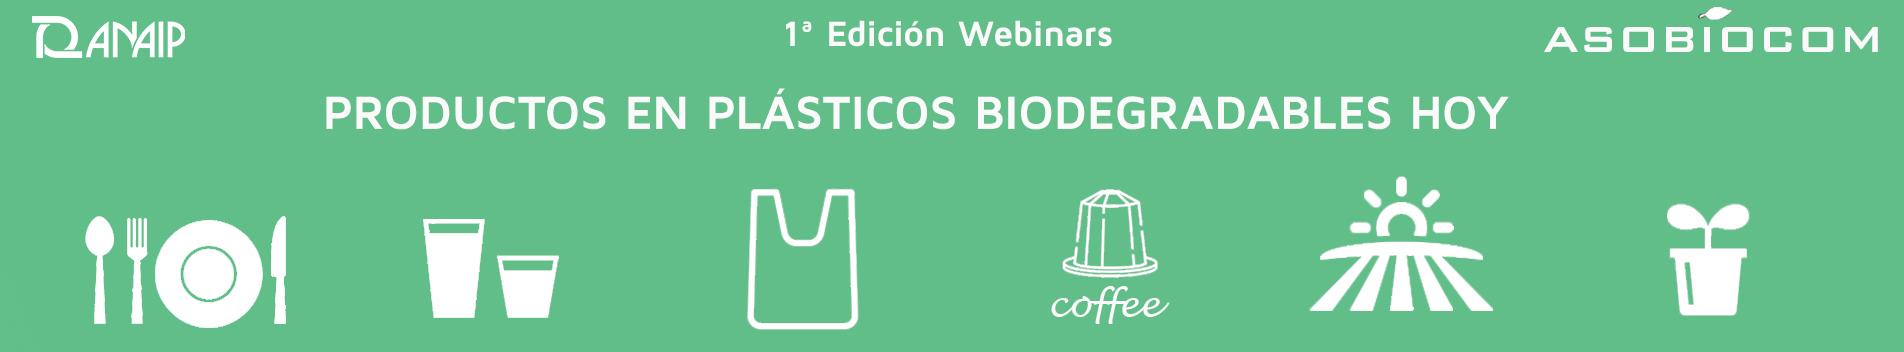 La 1ª temporada de webinars sobre plásticos biodegradables finaliza con gran acogida